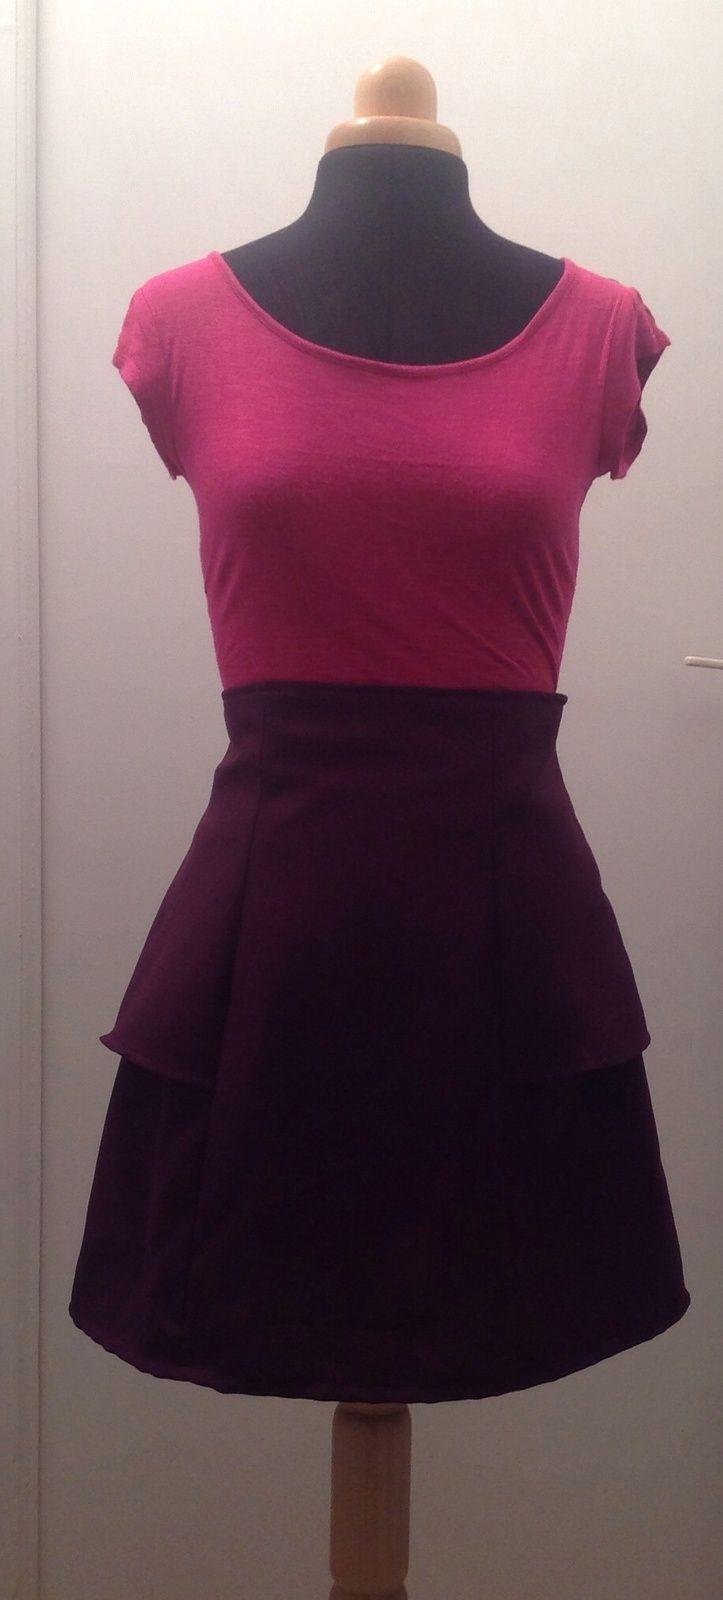 Au cas ou vous aviez encore des doutes, j'adore le violet!!! Au programme ce soir, la jupe anemone de Deer and Doe, modele avec basque car vachelent plus sympa!!! Le patron tombe nickel(comme toujours avec eux!!) et est tres facile a coudre! Contrairement...